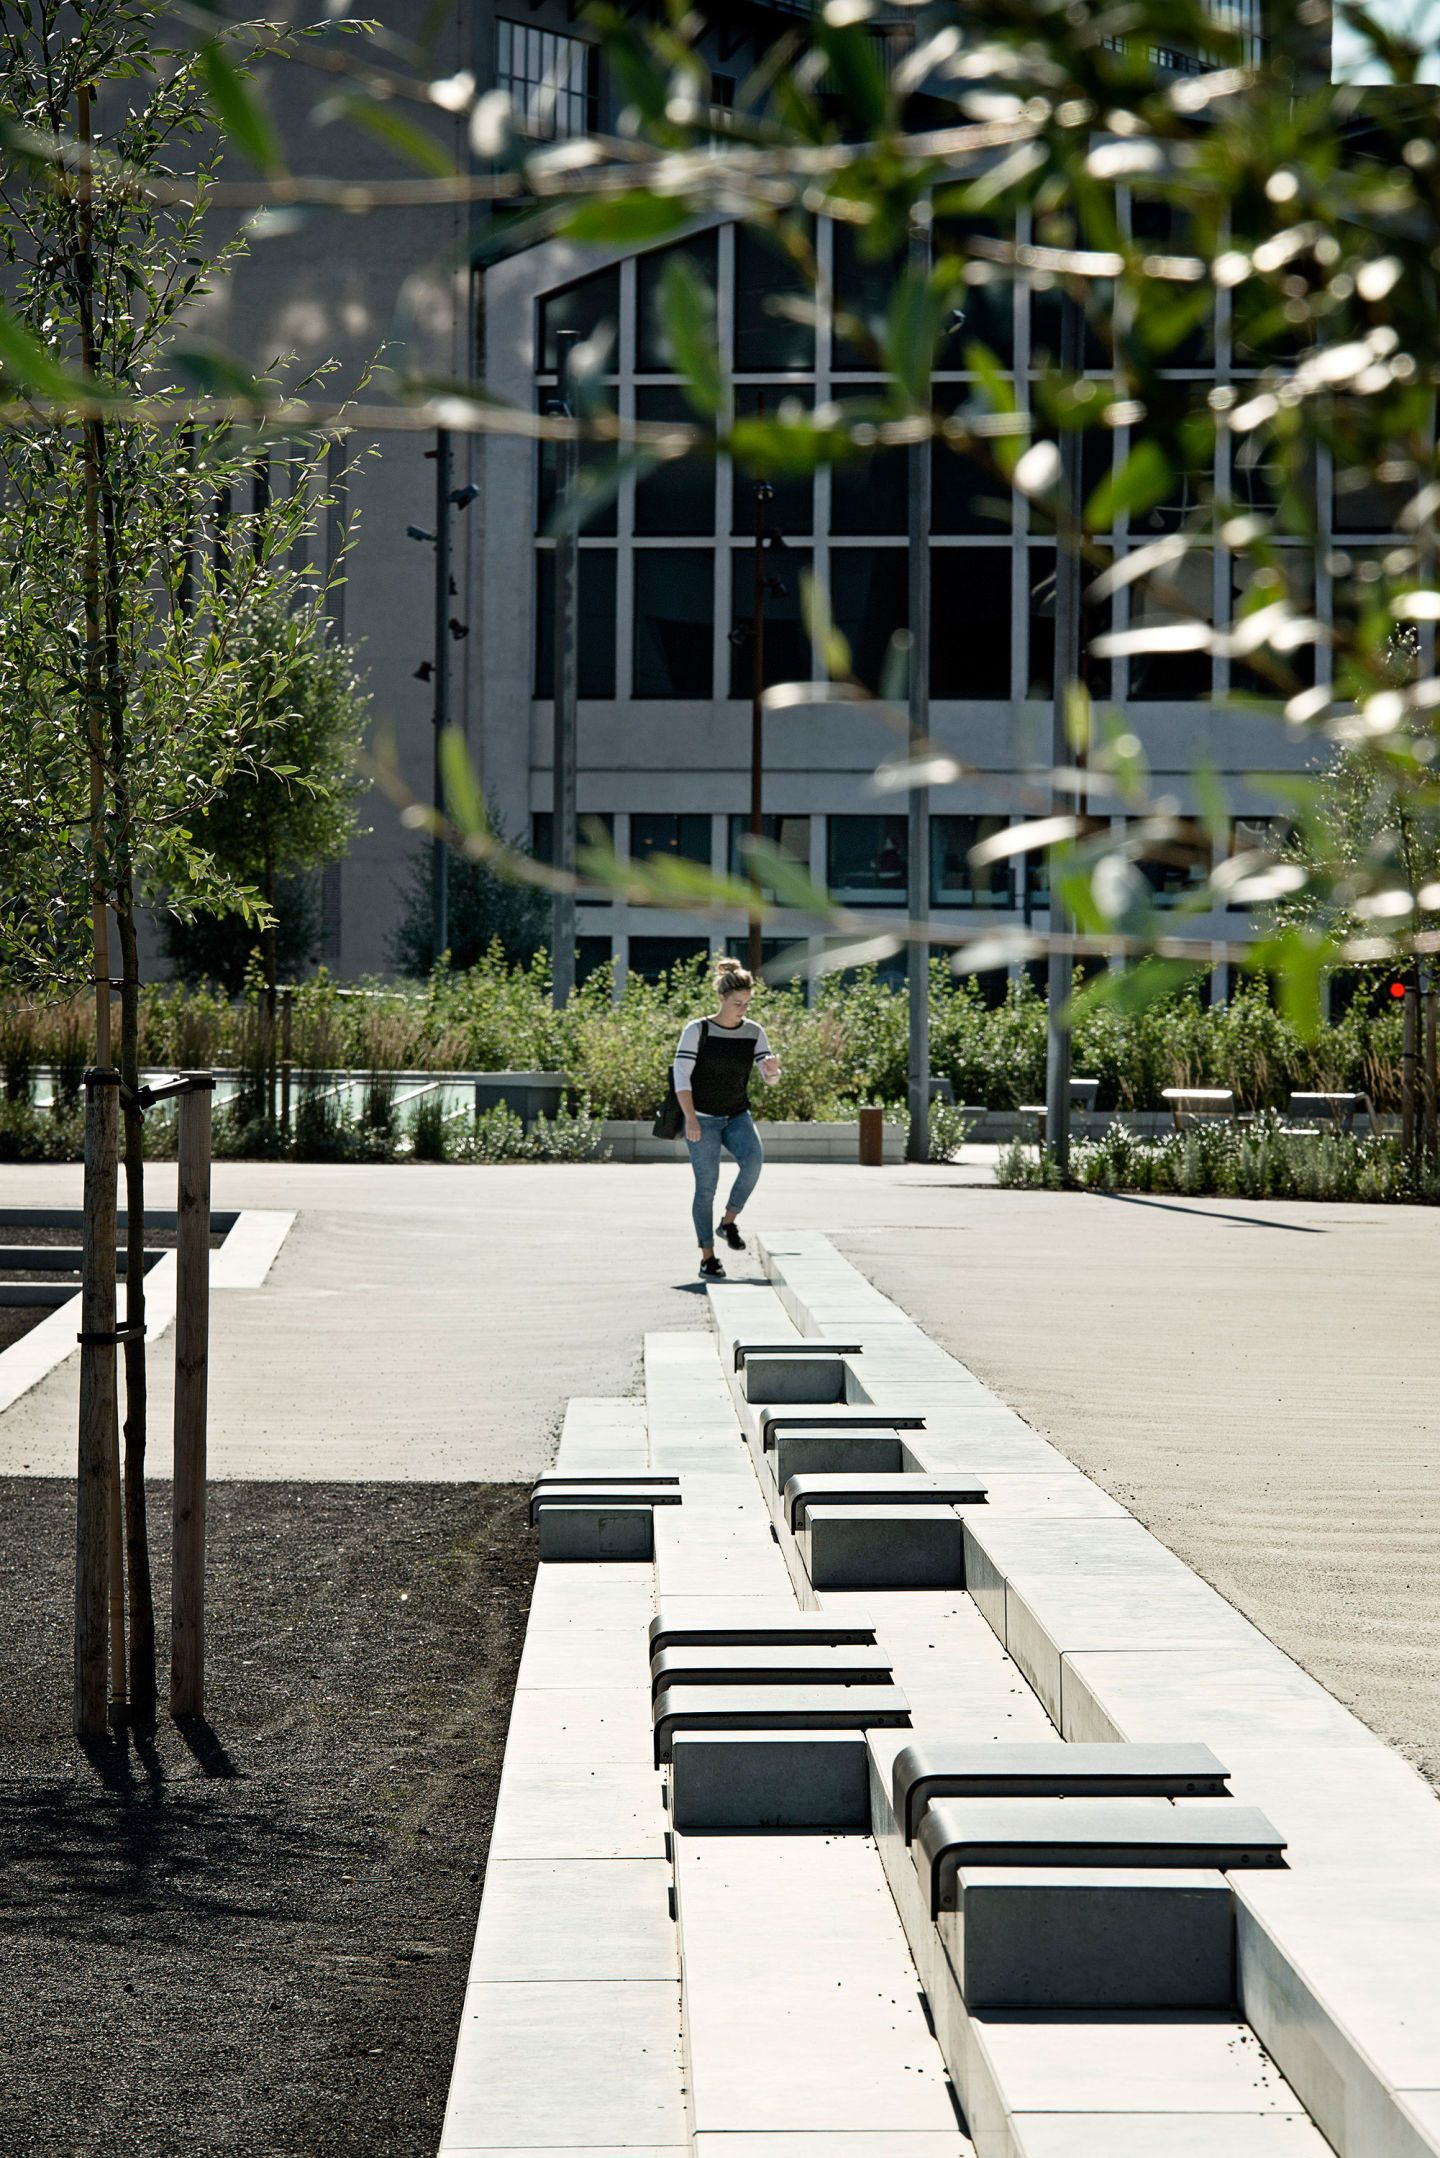 C.F. Møller Architects, Jørgen True / STUDIE-E · Aalborg Waterfront - Phase II · Divisare